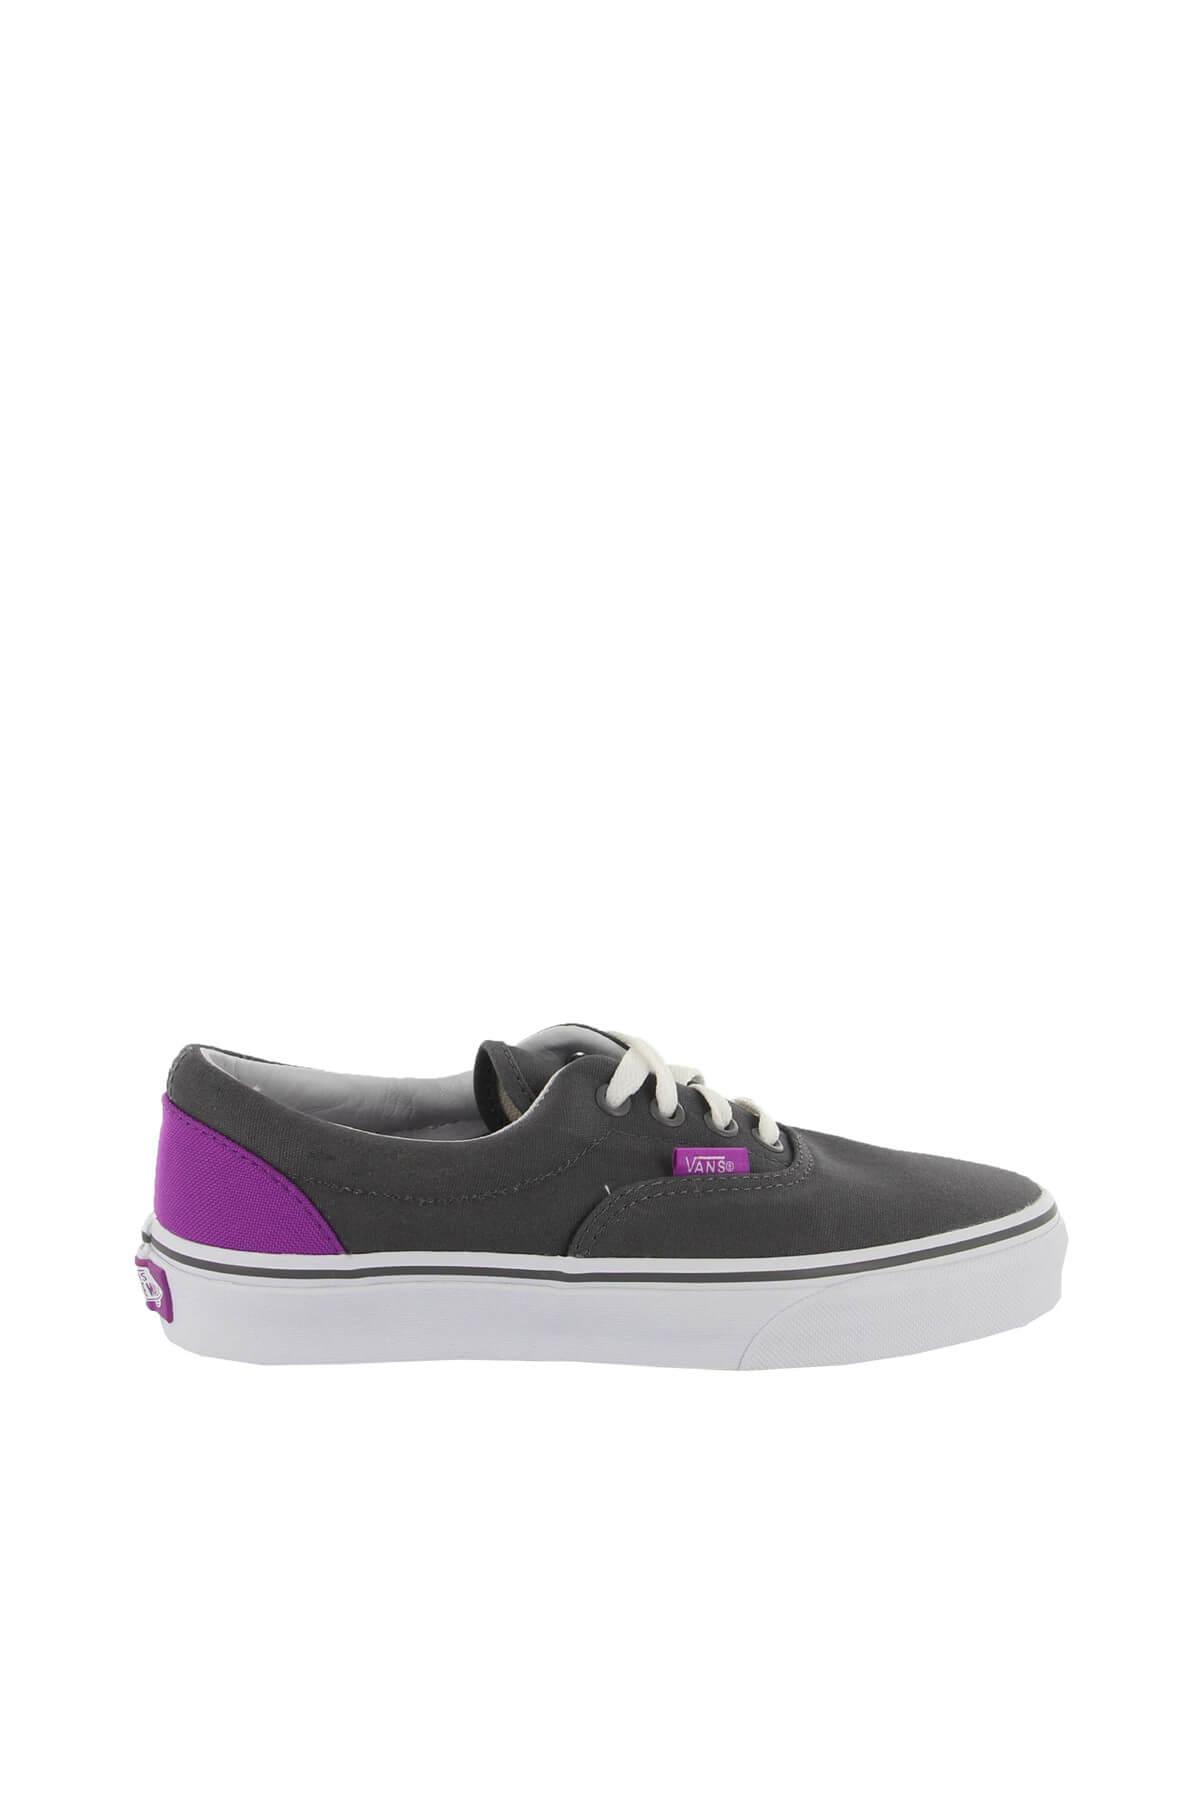 Vans Unisex Sneaker - Vvhq9Vh Era - VVHQ9VH 1